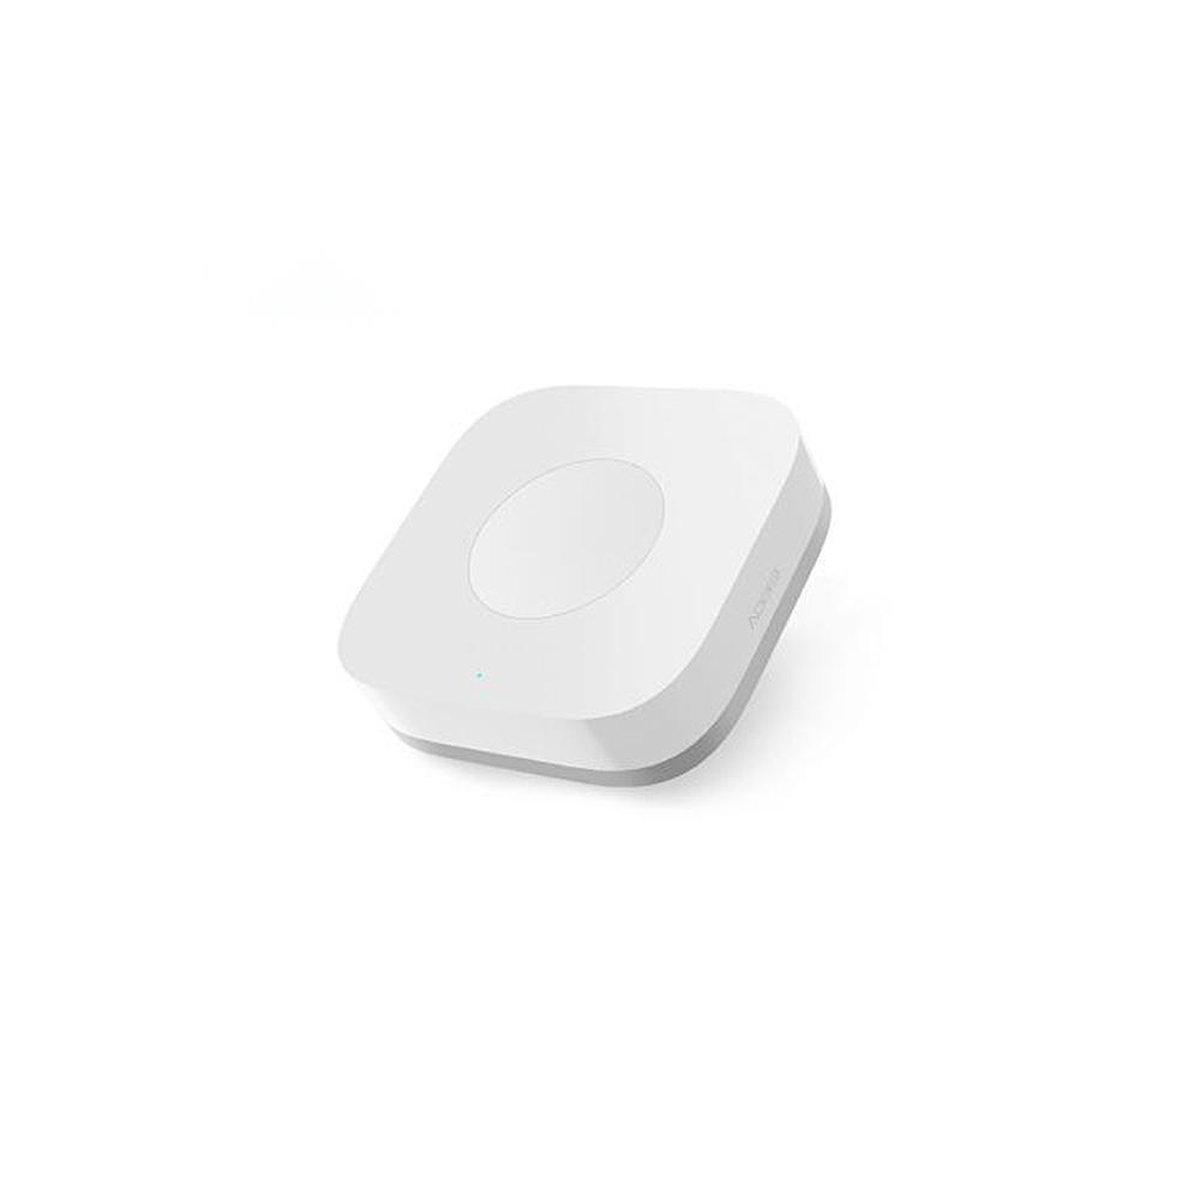 Aqara Wireless Mini Switch (Advanced)